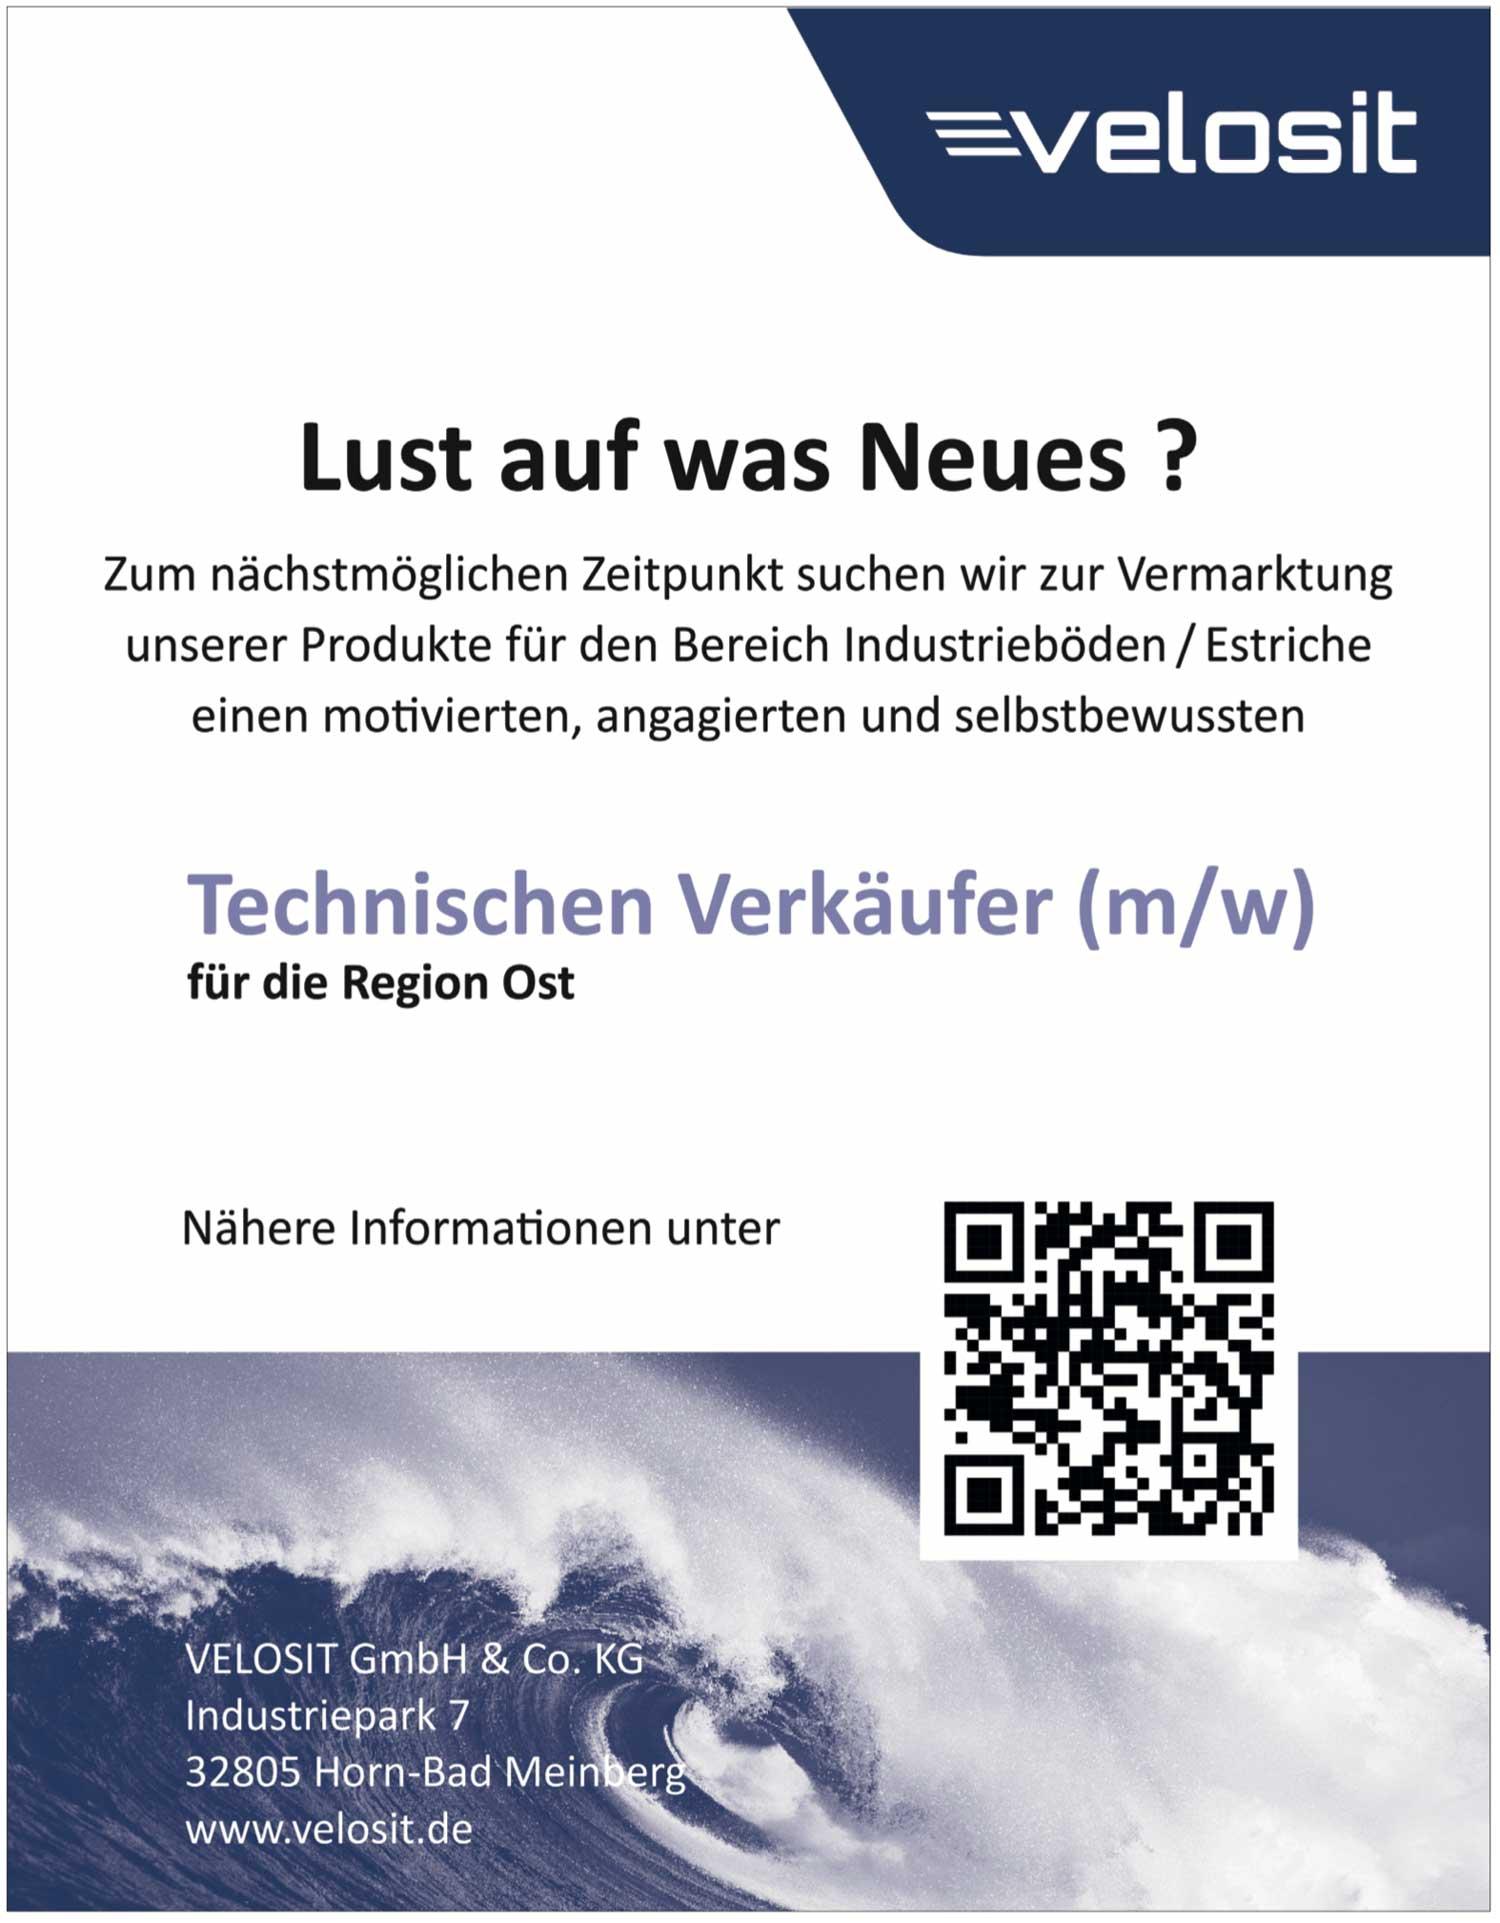 Technischer Verkäufer (m/w) für Industrieböden/Estriche